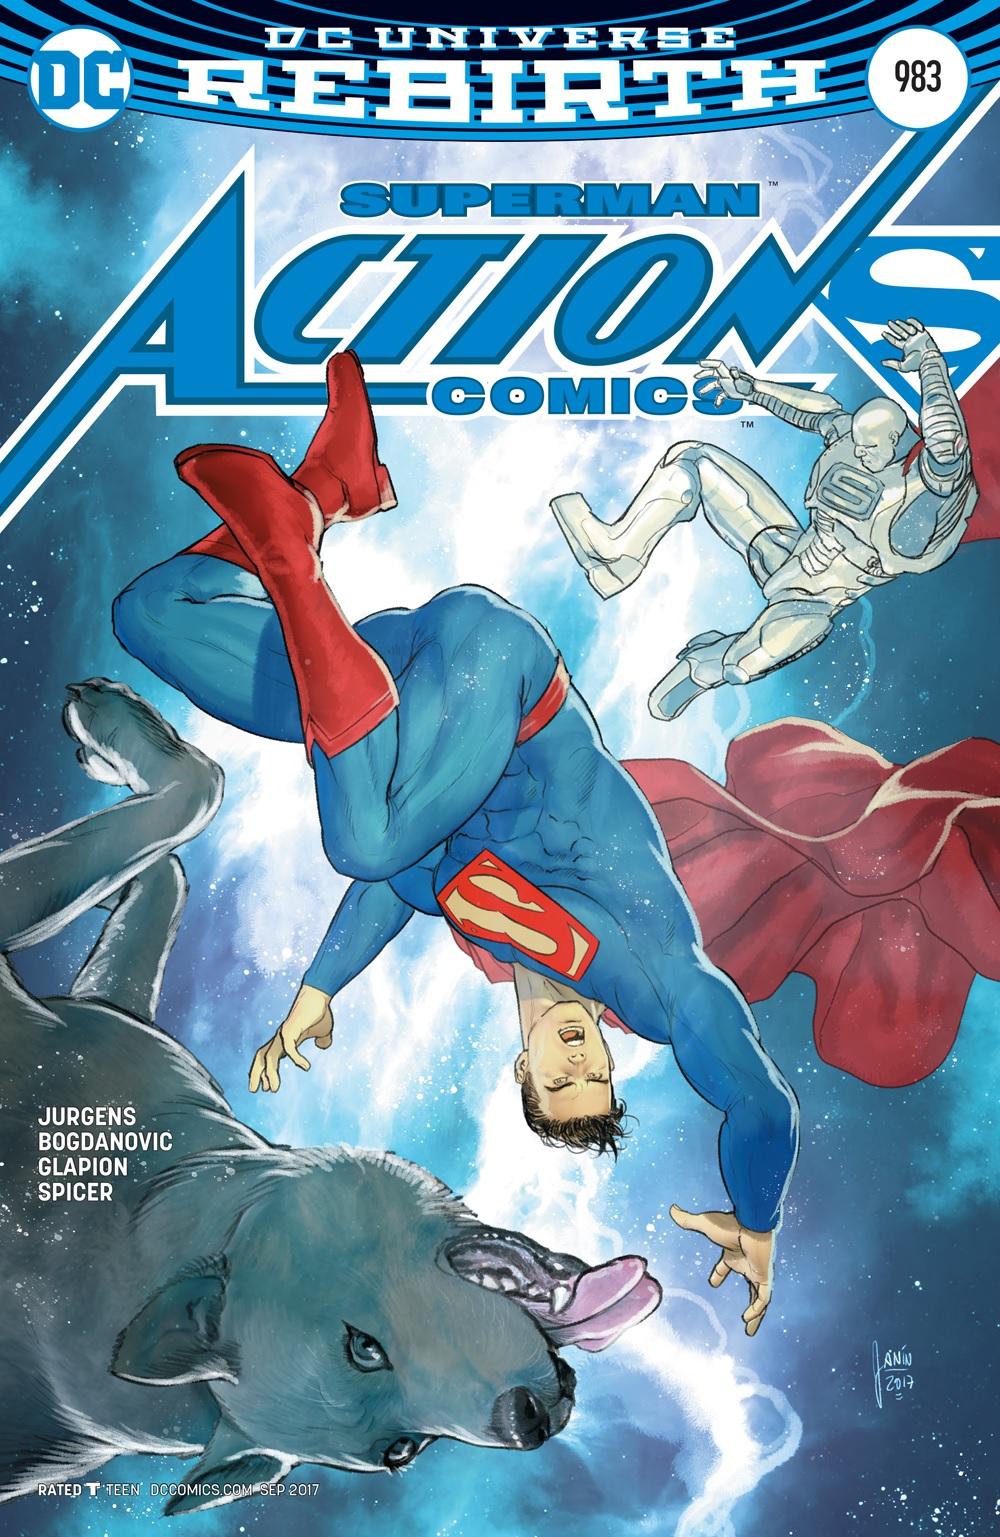 Action Comics Vol 1 983 Variant.jpg